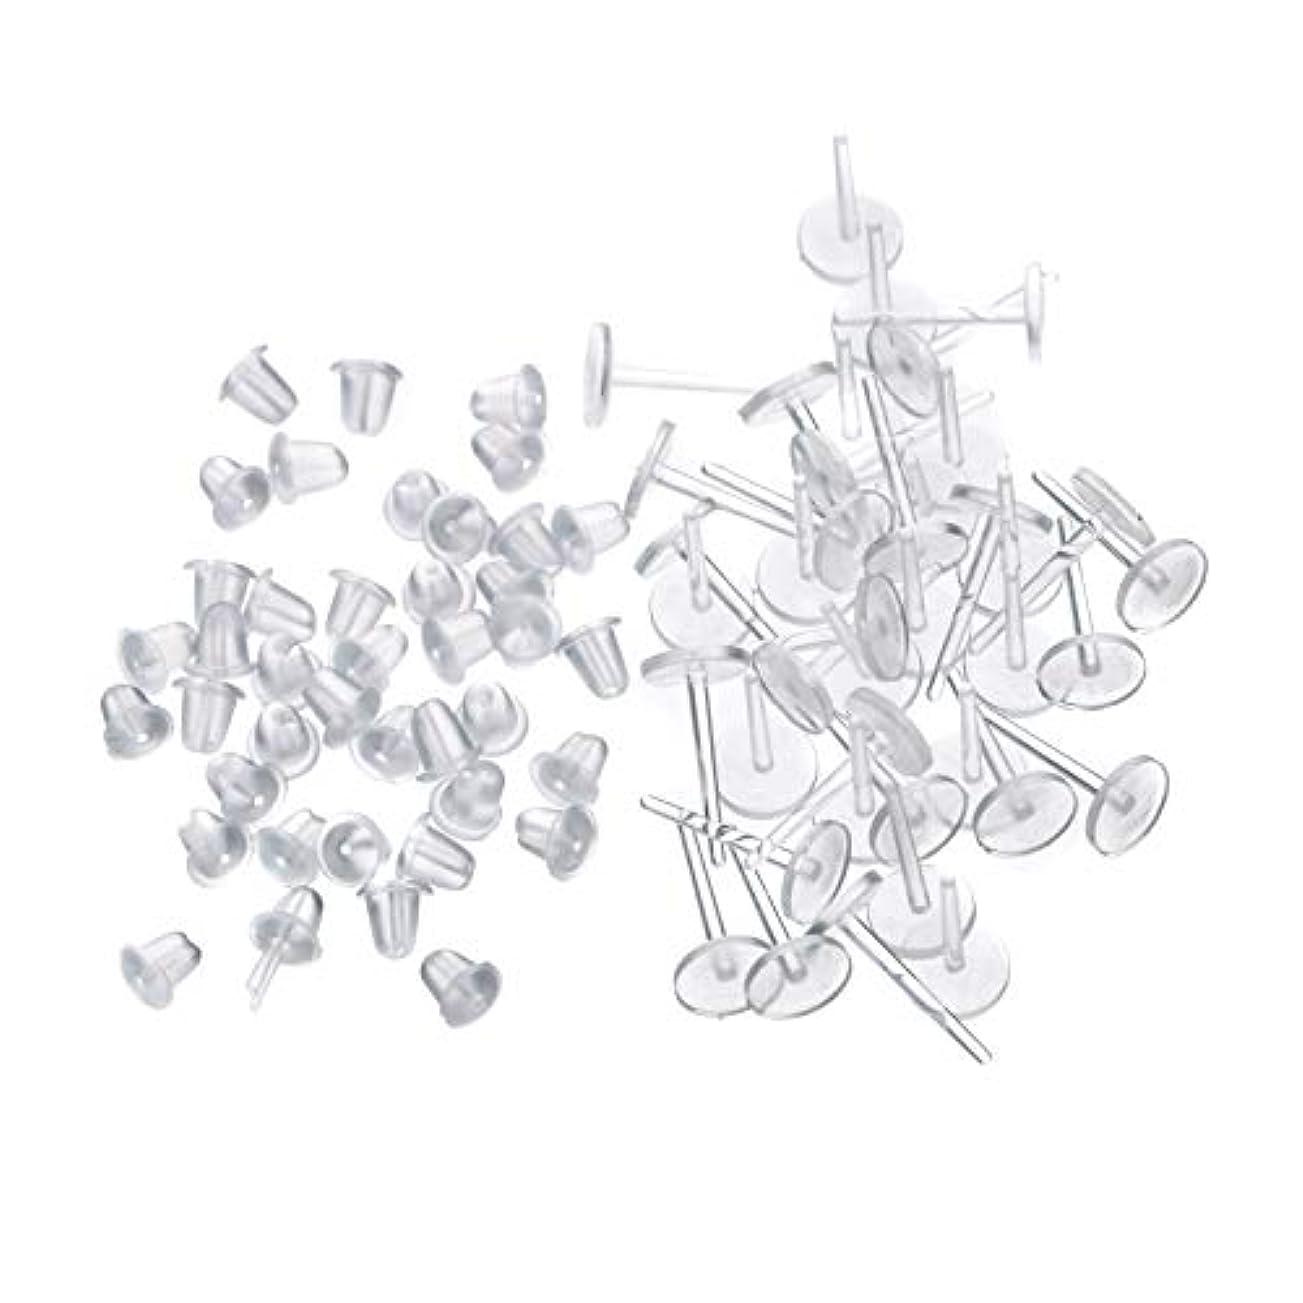 預言者抑制もつれシークレットピアス 樹脂透明ピアス 金属アレルギーフリー ピアスホール維持に最適 (20セット)